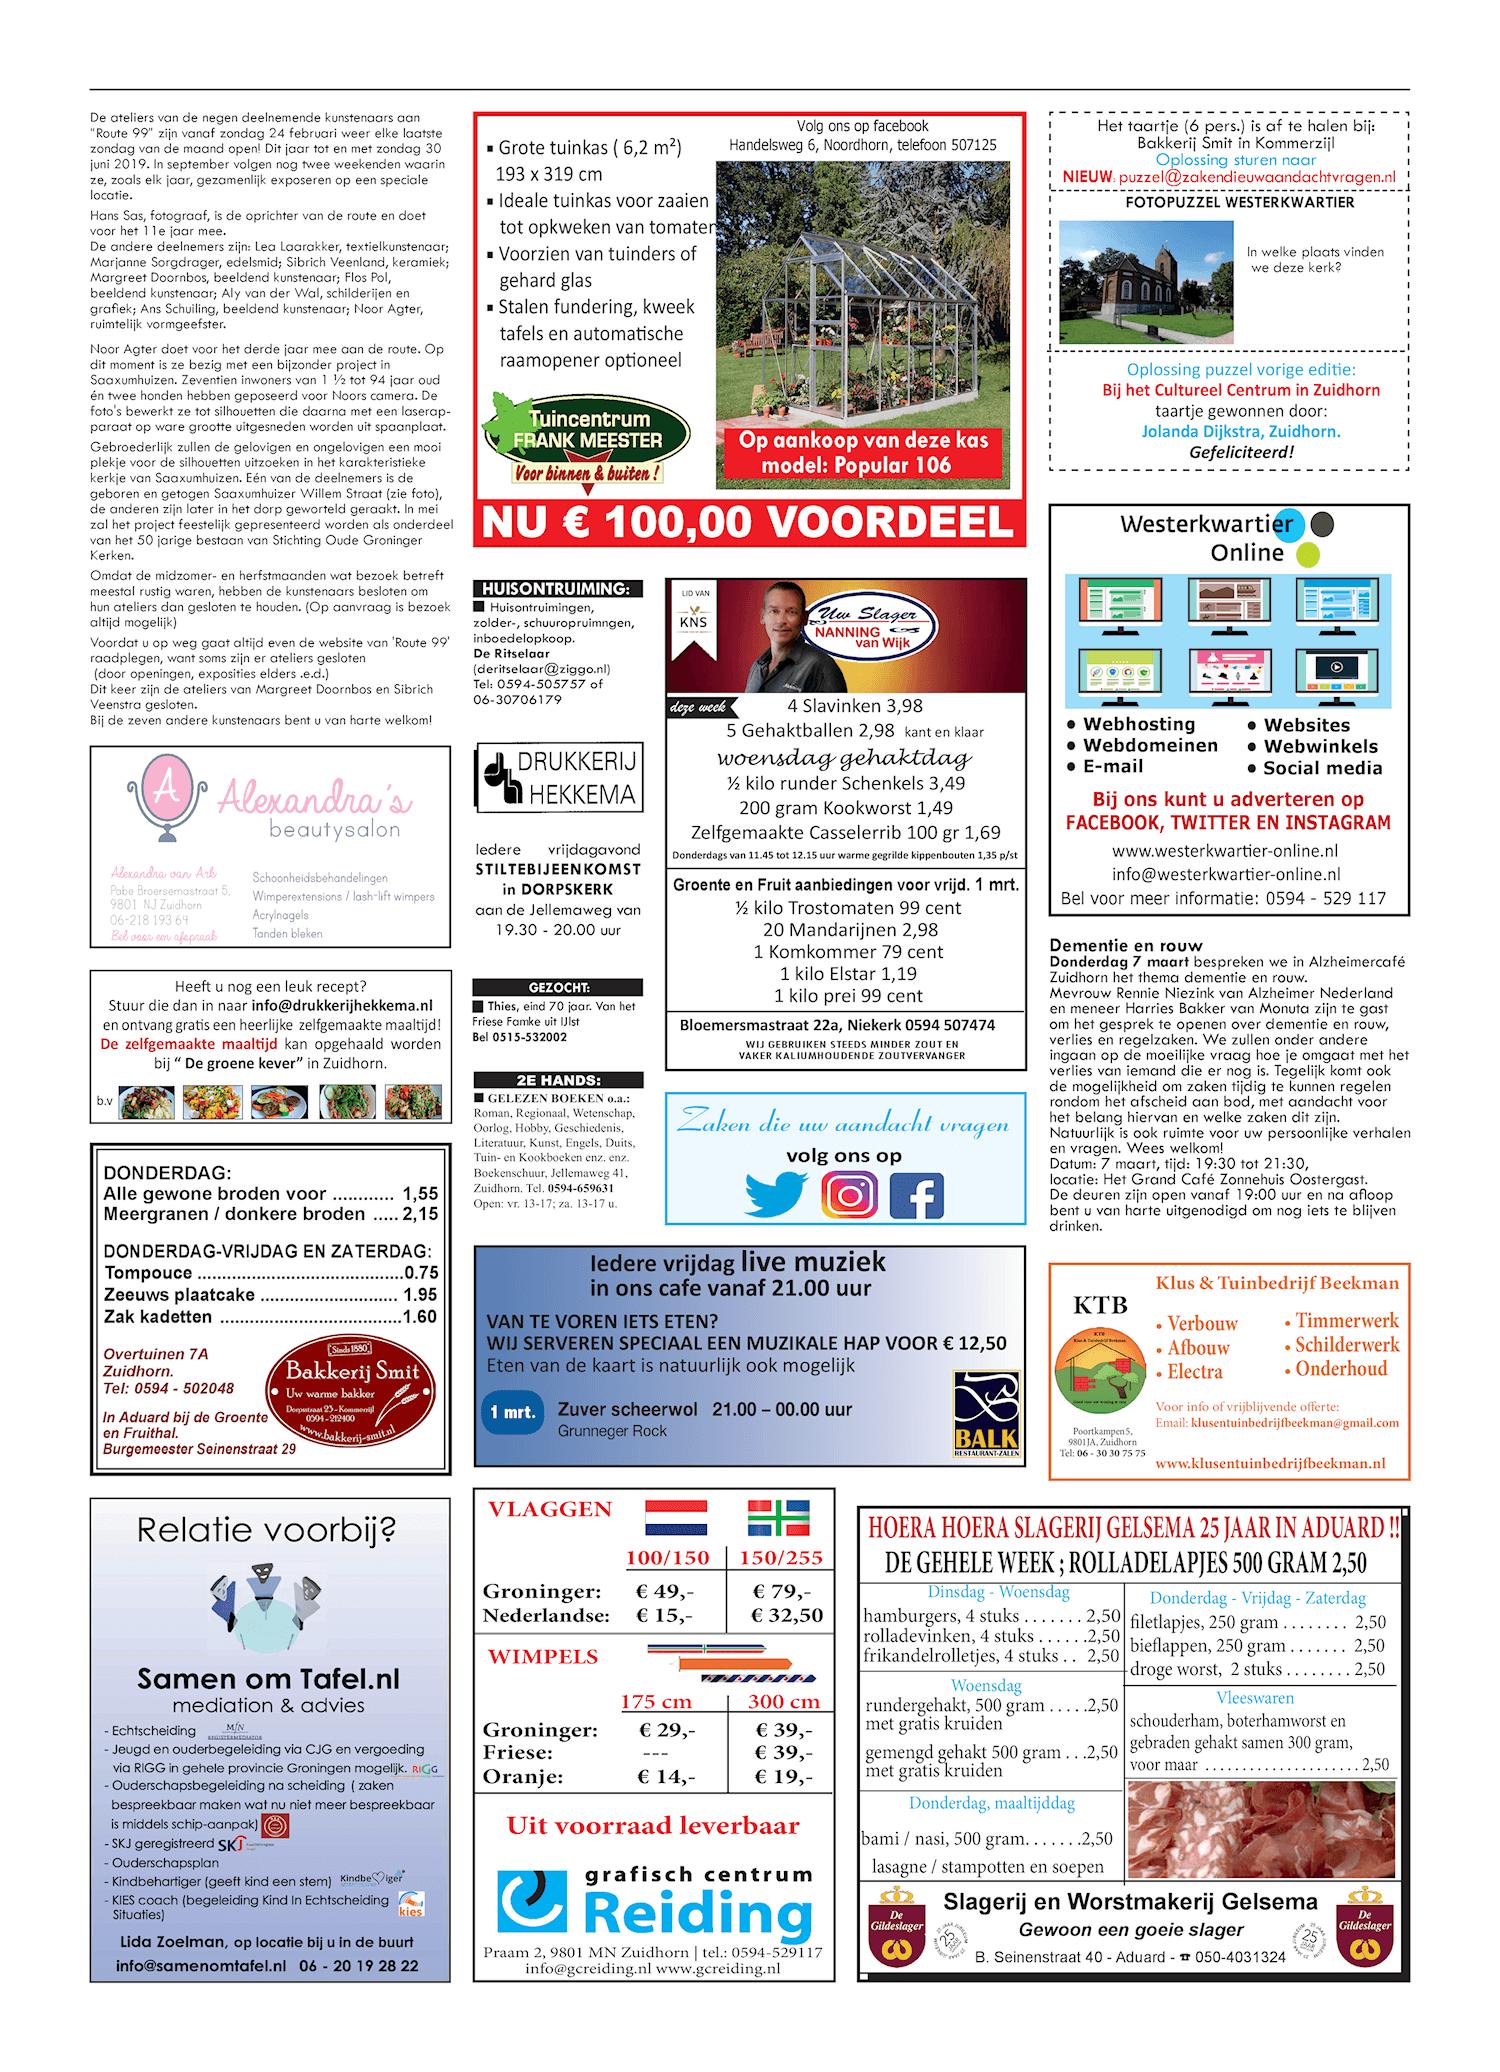 Drukkerij Hekkema - Zuidhorn - Zaken die uw aandacht vragen 2019 week 9